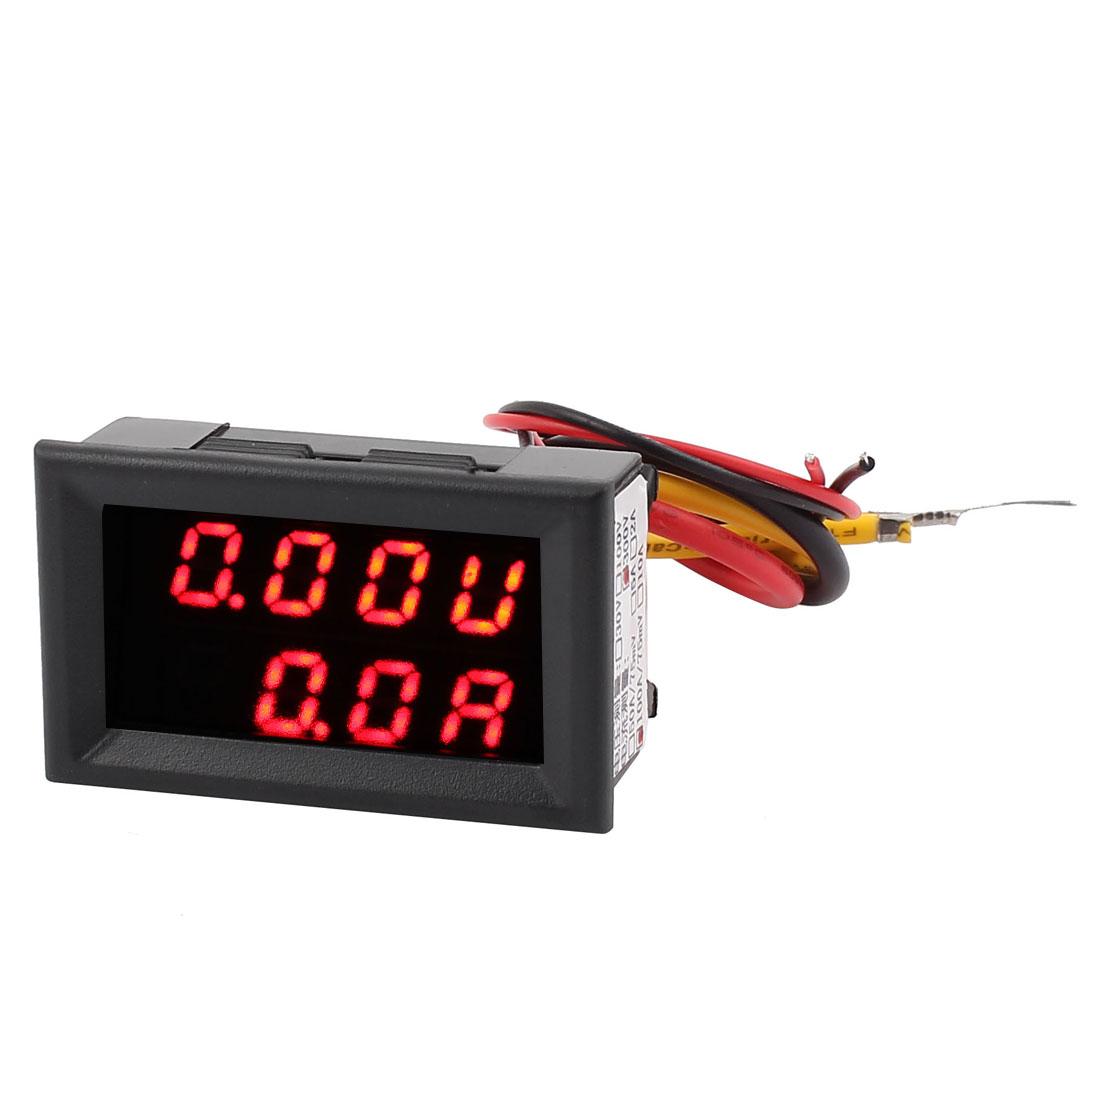 DC 0-300V 0-100A Red LED Dual Digital Panel Voltmeter Ammeter Meter Gauge